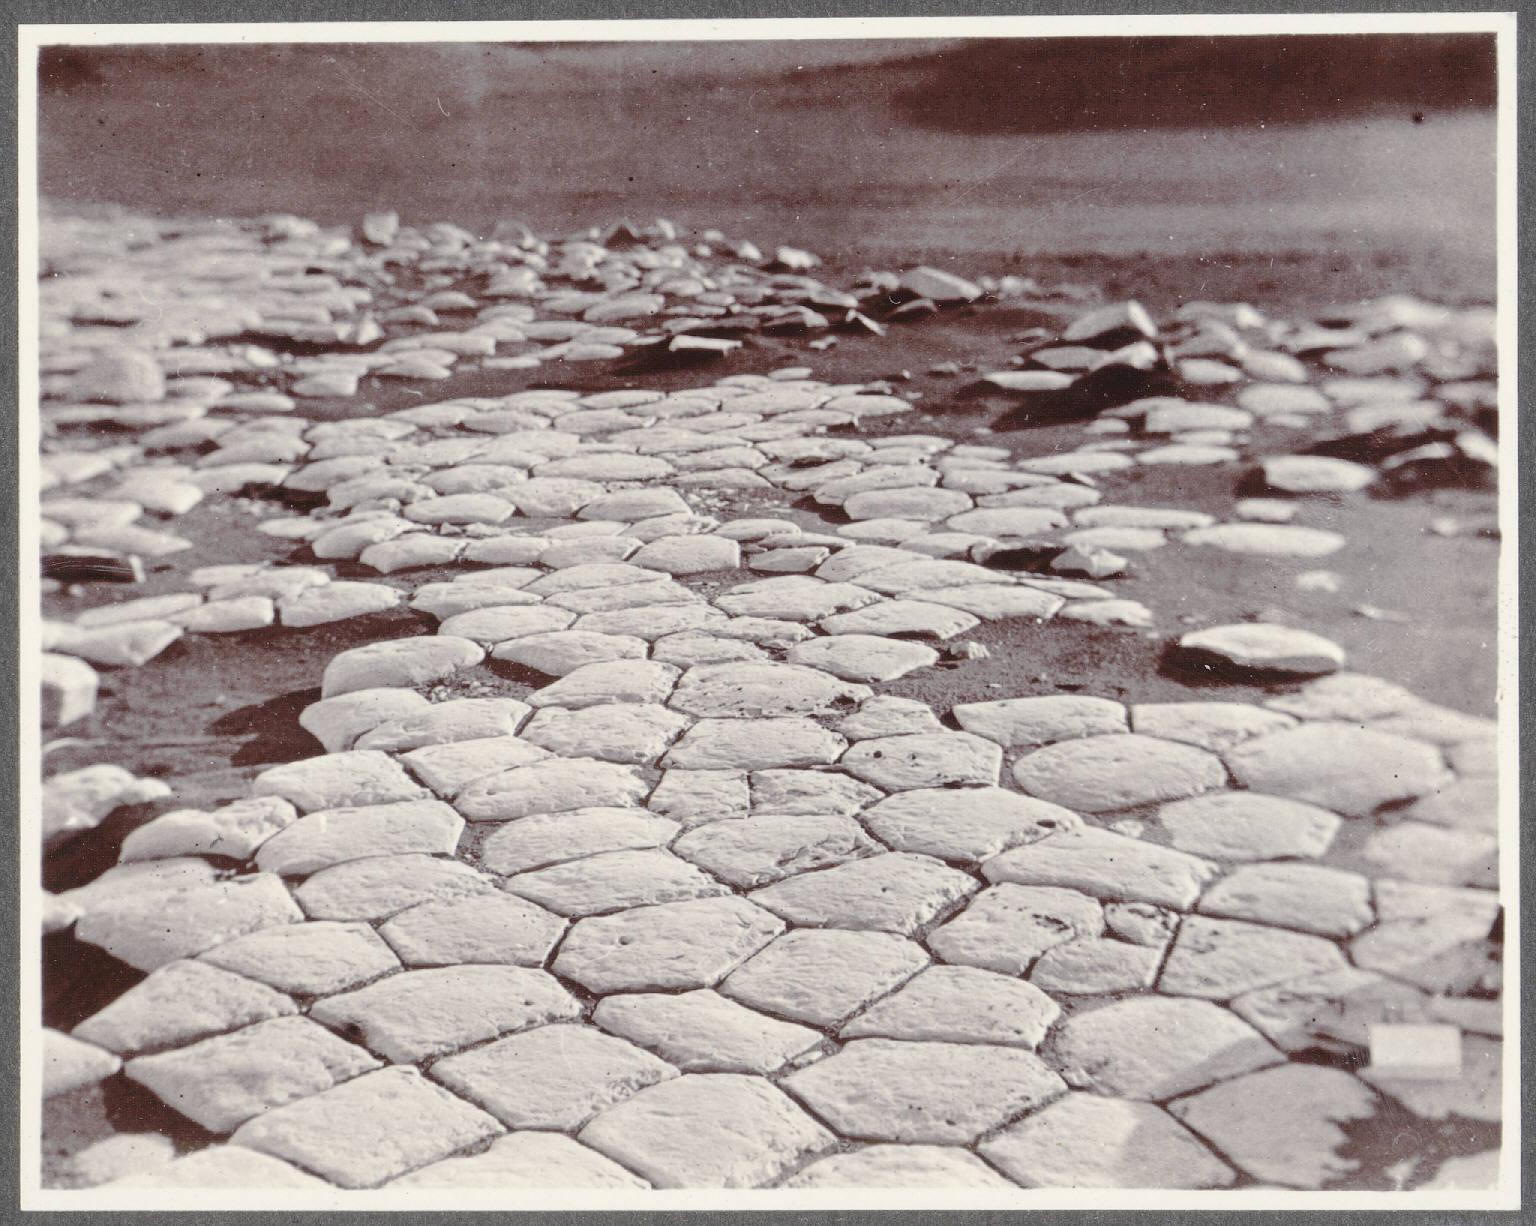 Базальтовая тропа, Киркюбер